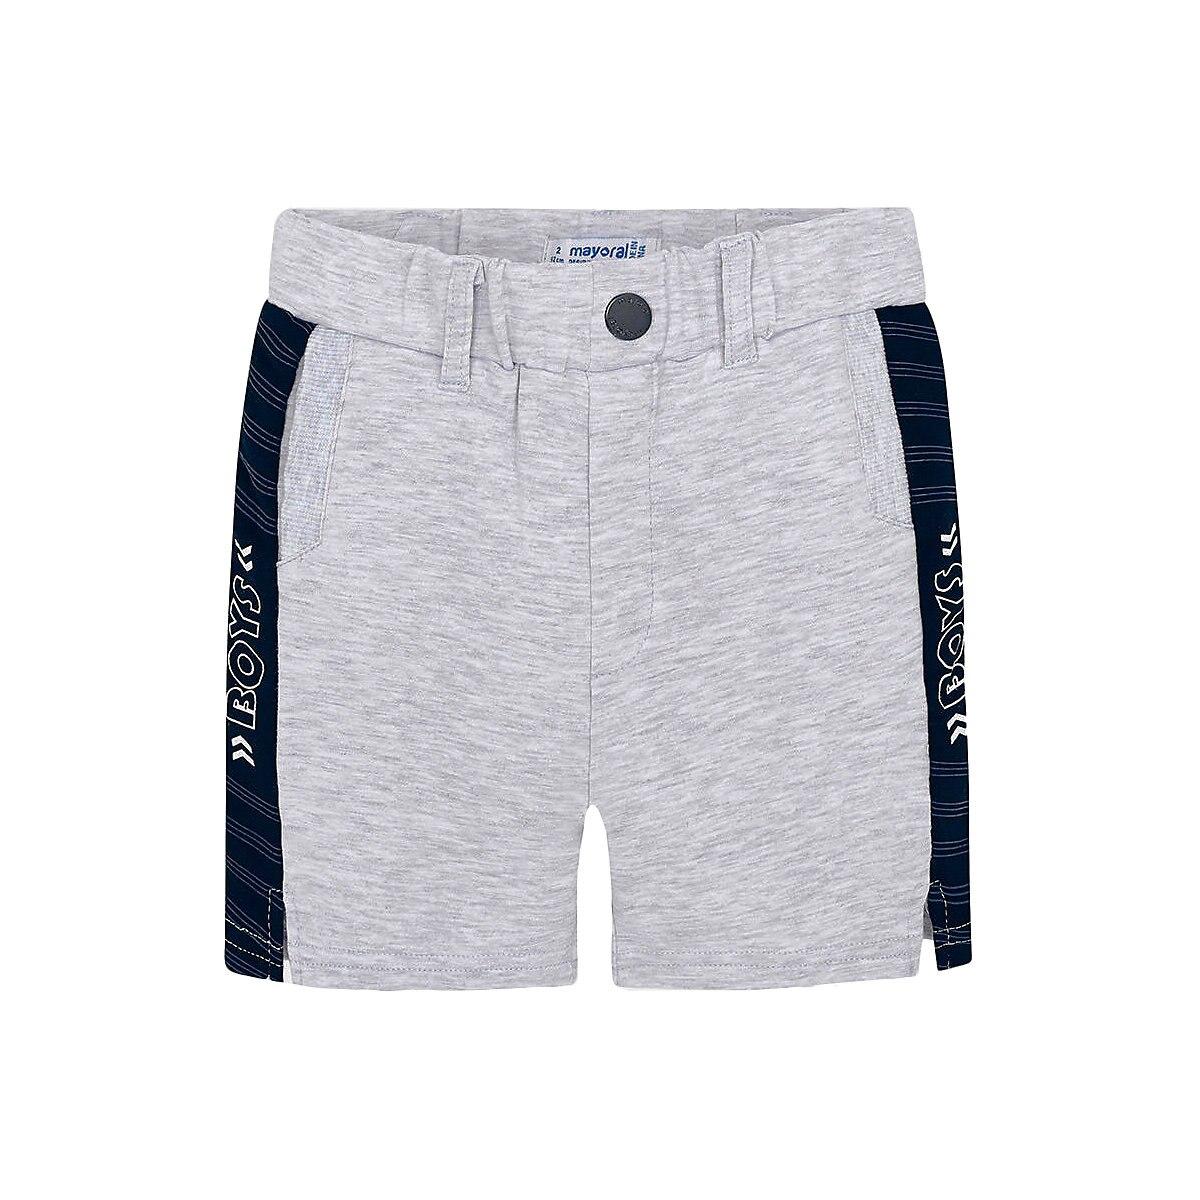 Pantalones cortos Mayoral 10691088 ropa para niños con bolsillos calzoncillos para niños